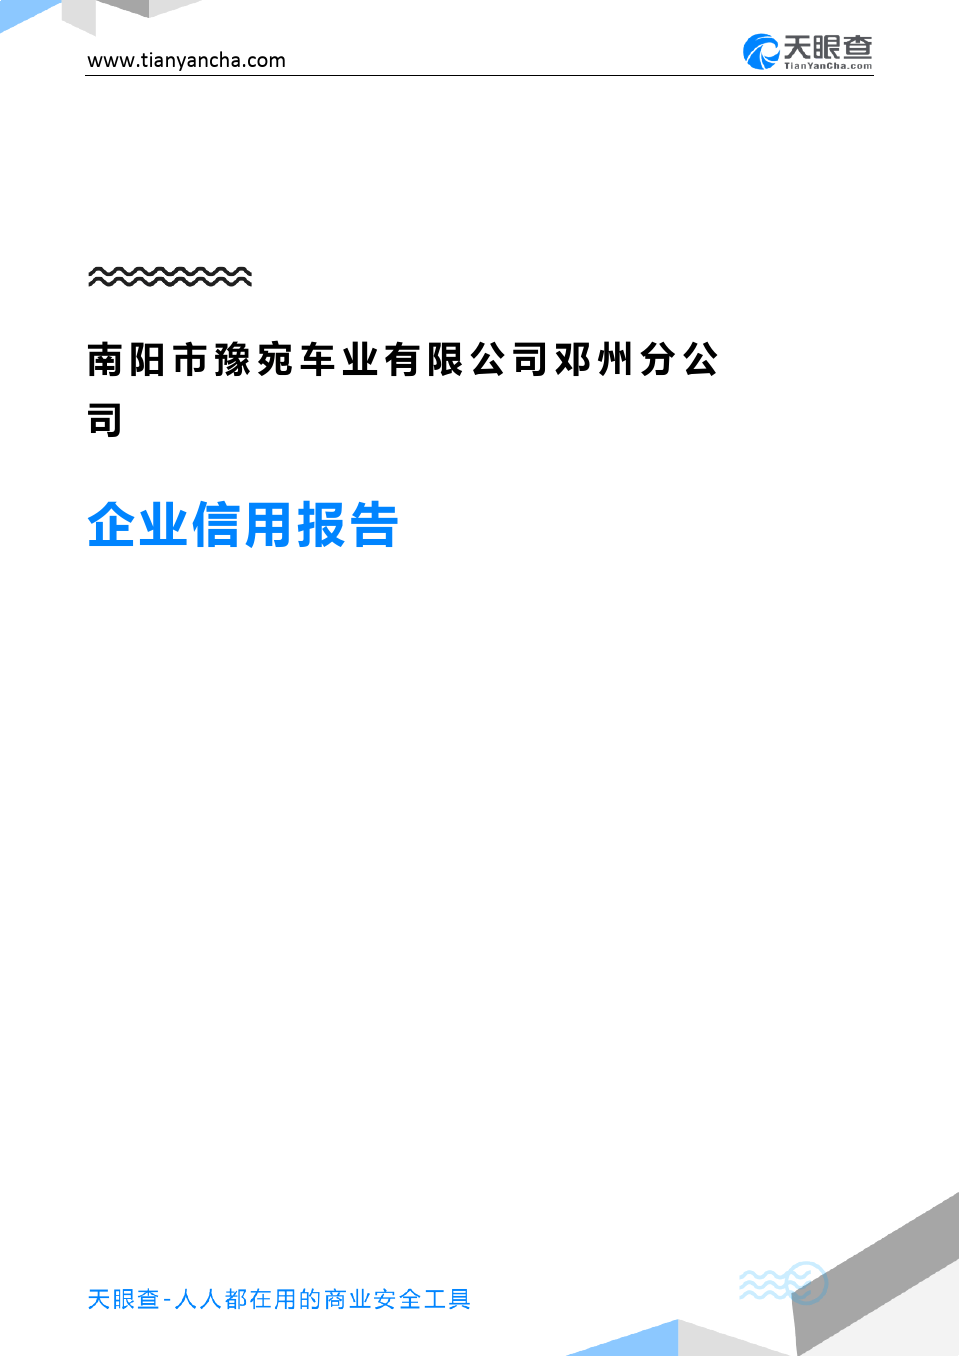 南阳市豫宛车业有限公司邓州分公司企业信用报告-天眼查